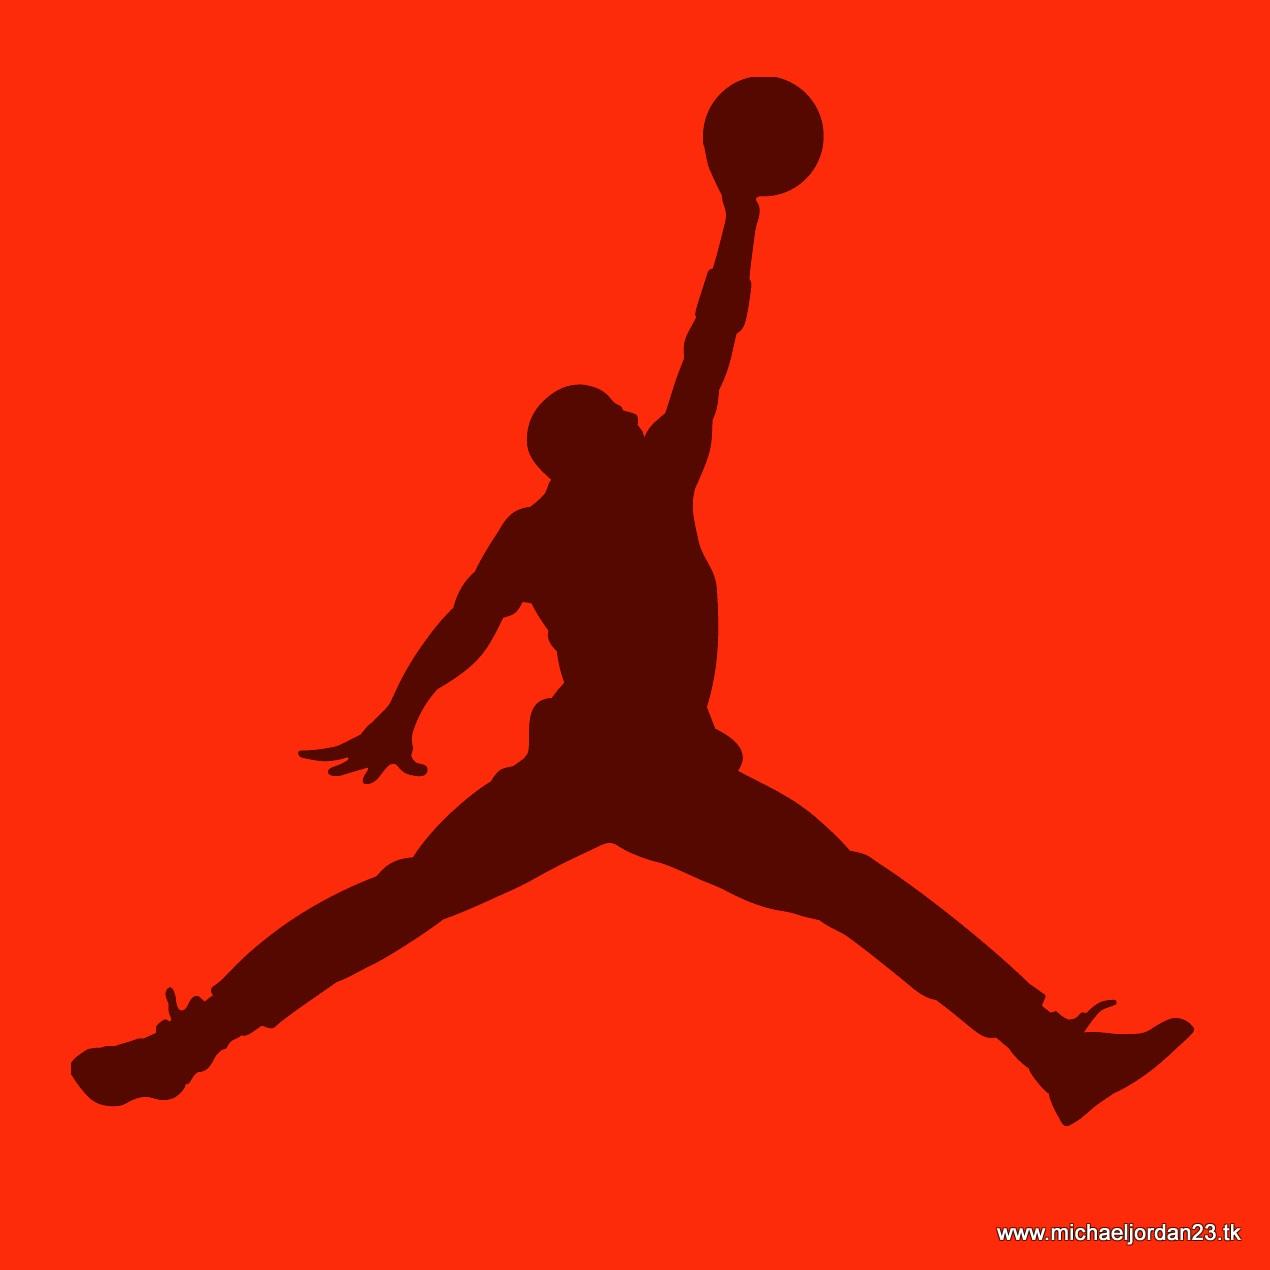 Michael Jordan 23 Jordan Colourful Logos